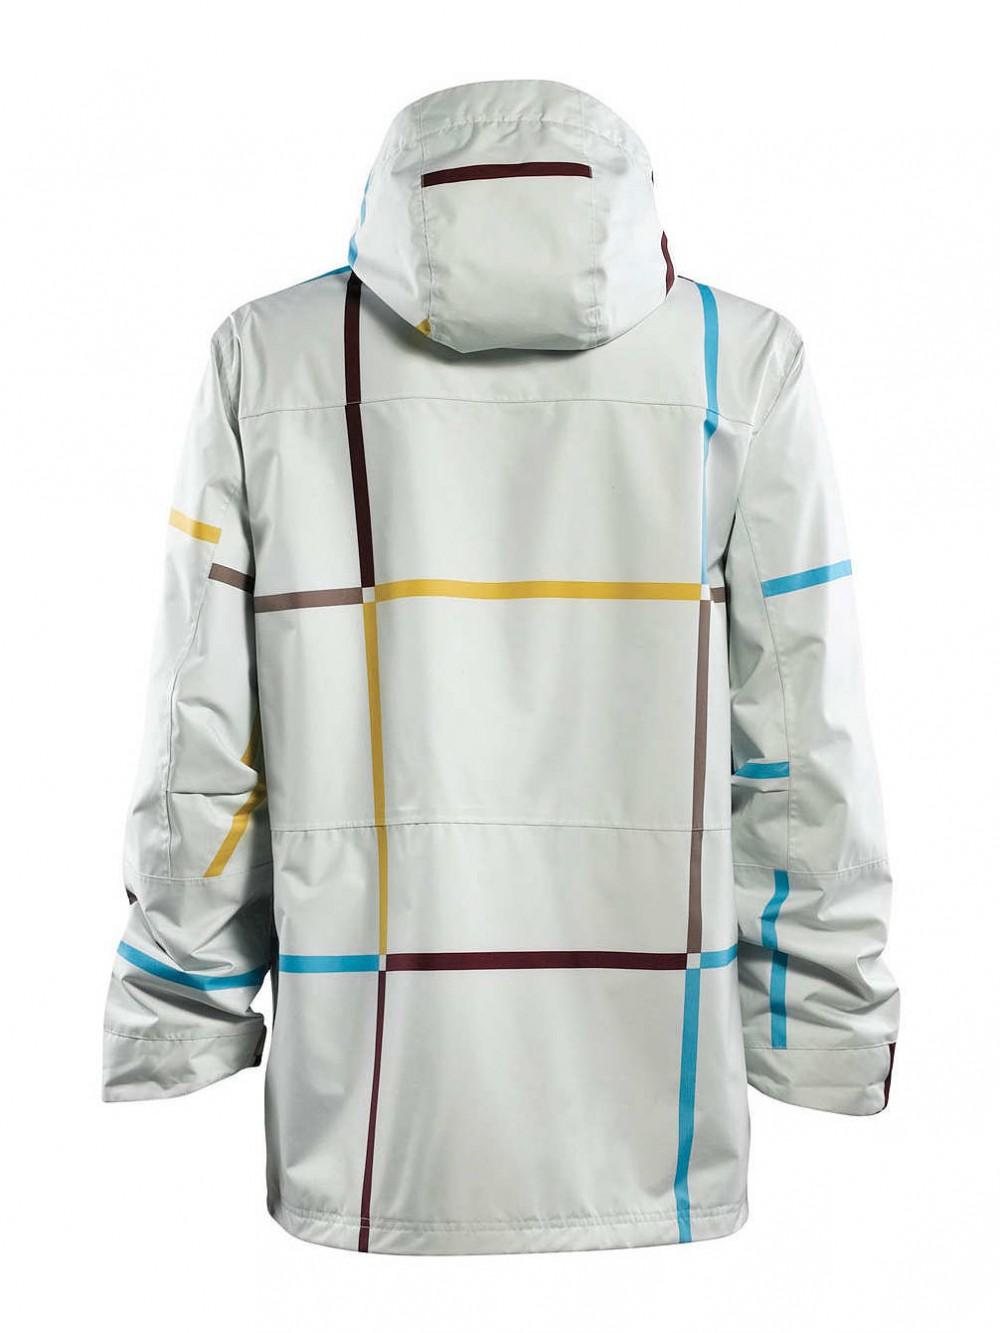 Куртка FOURSQUARE vise jacket (размер L) - 1